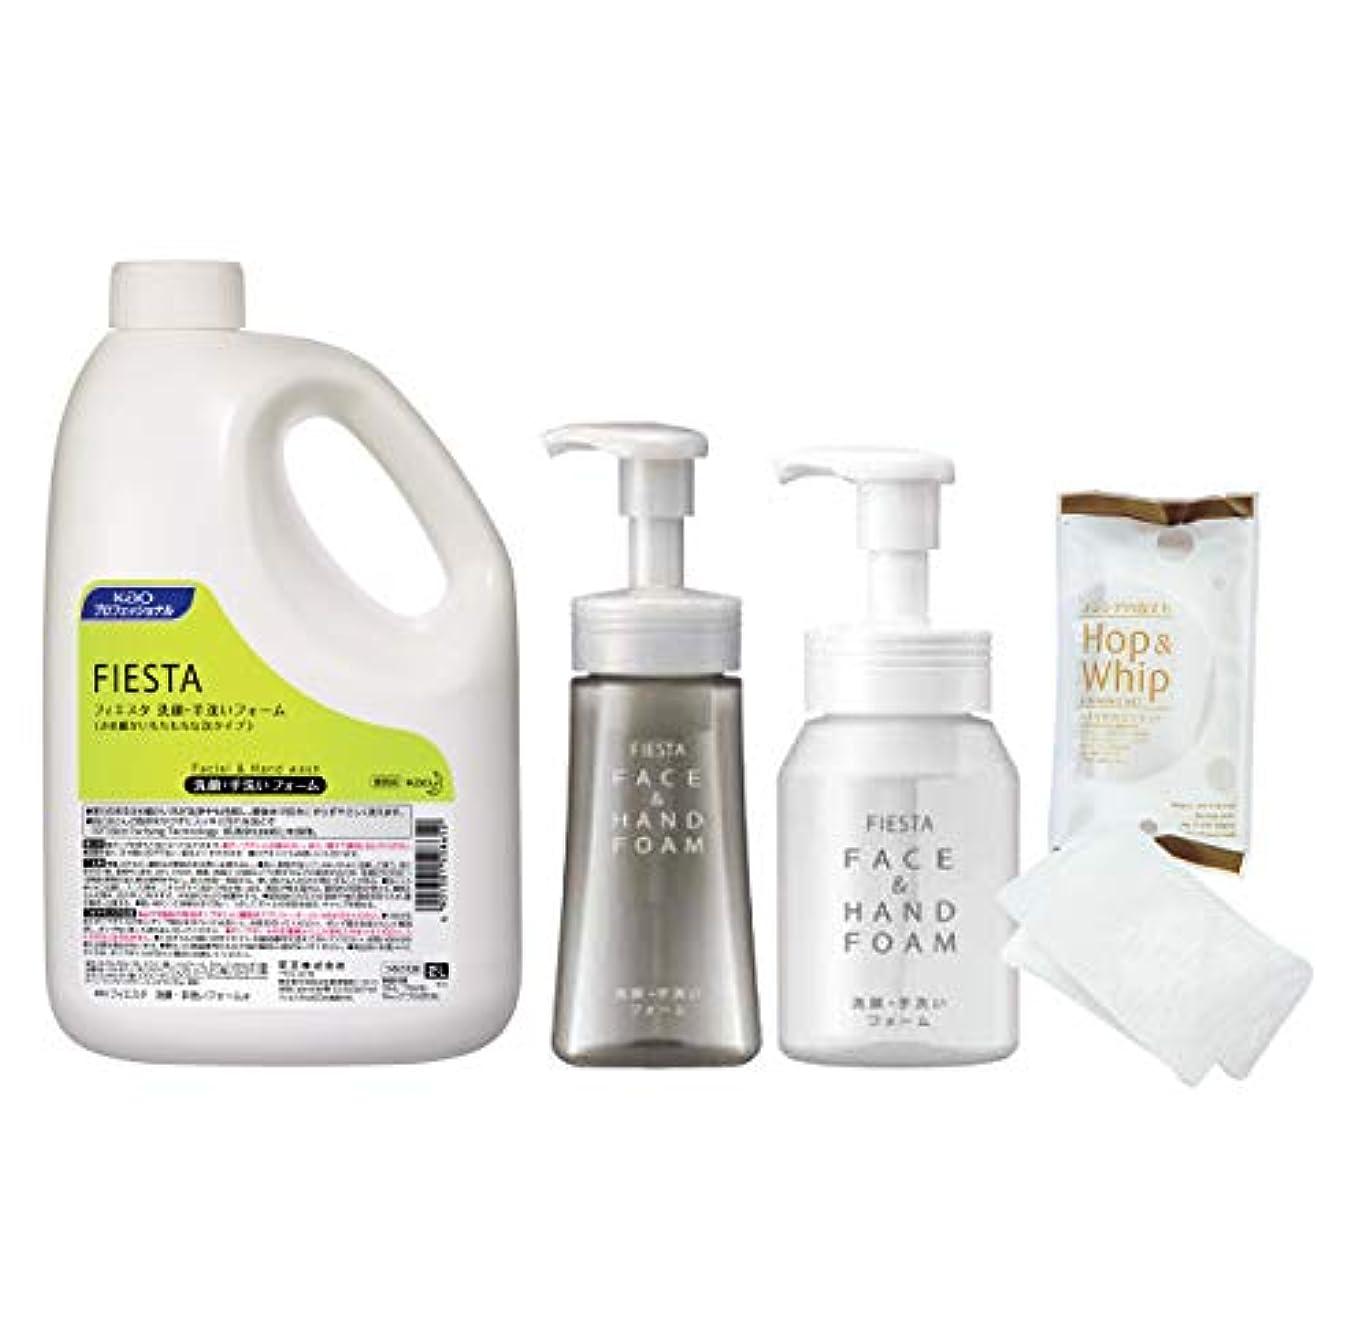 予想する使い込む明確な花王 業務用 フィエスタ 洗顔?手洗いフォーム2L 容器?泡立てネット付